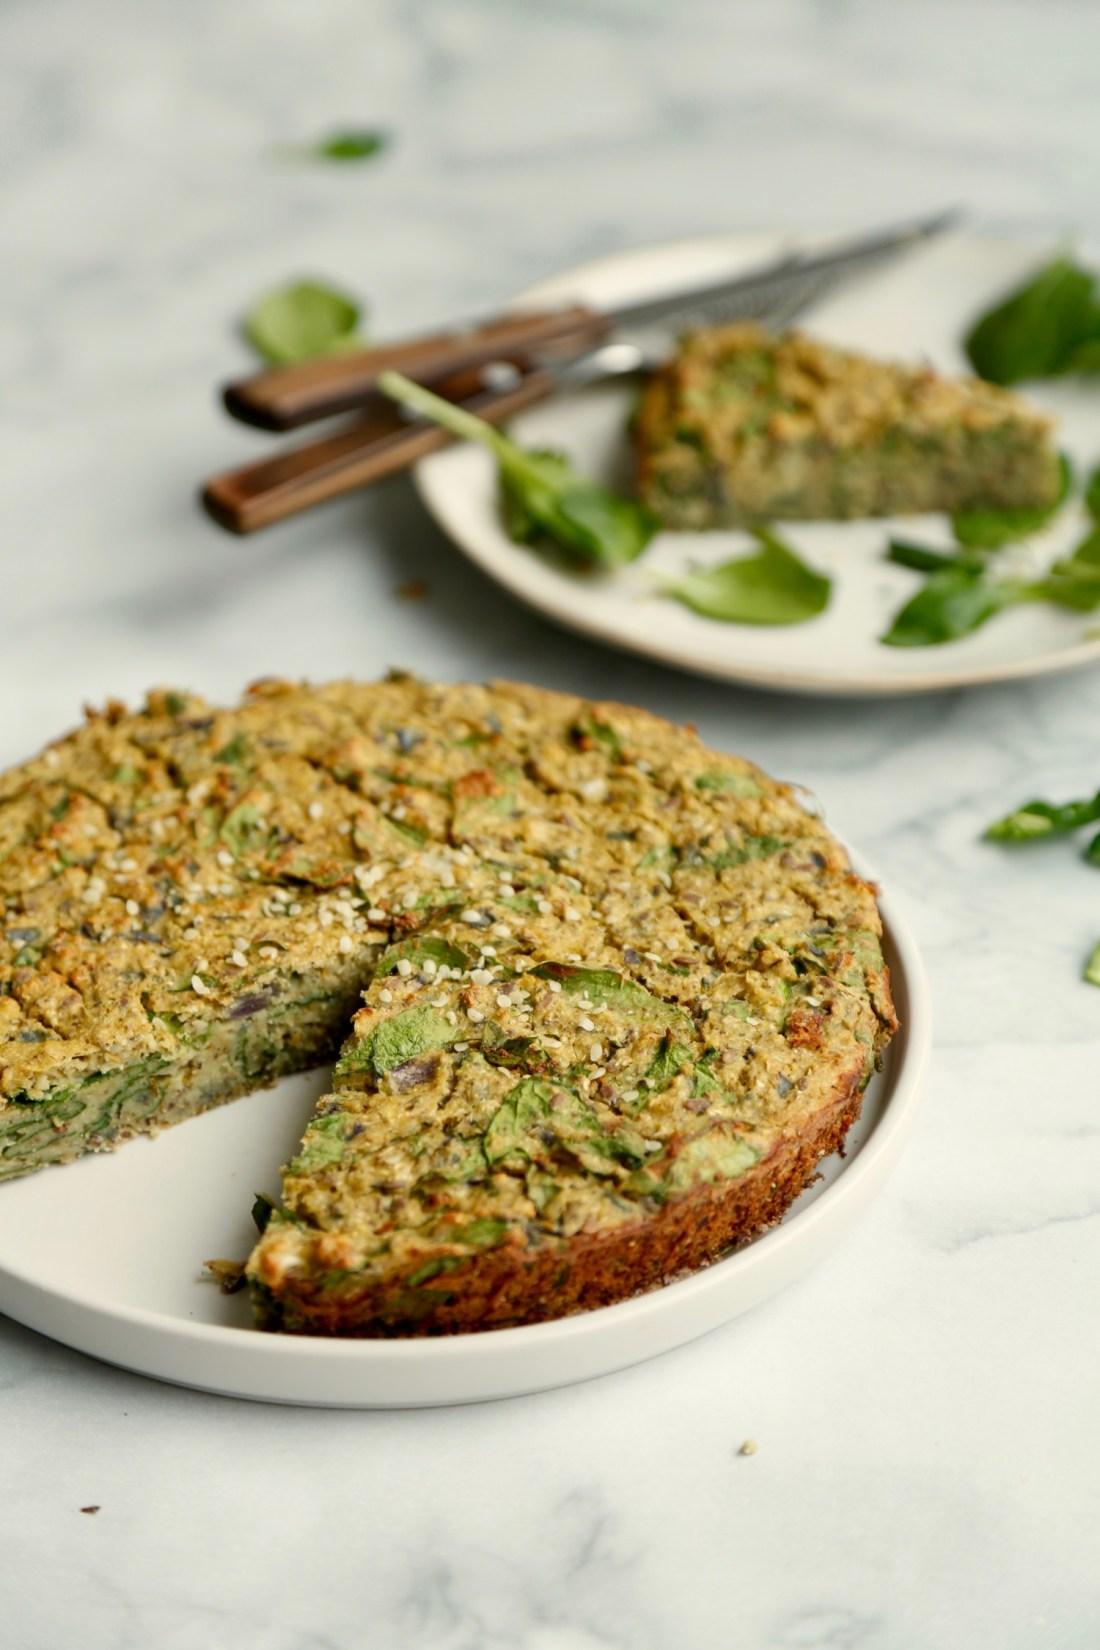 vegansk-taerte-med-blomkaal-og-spinat-glutenfri-1